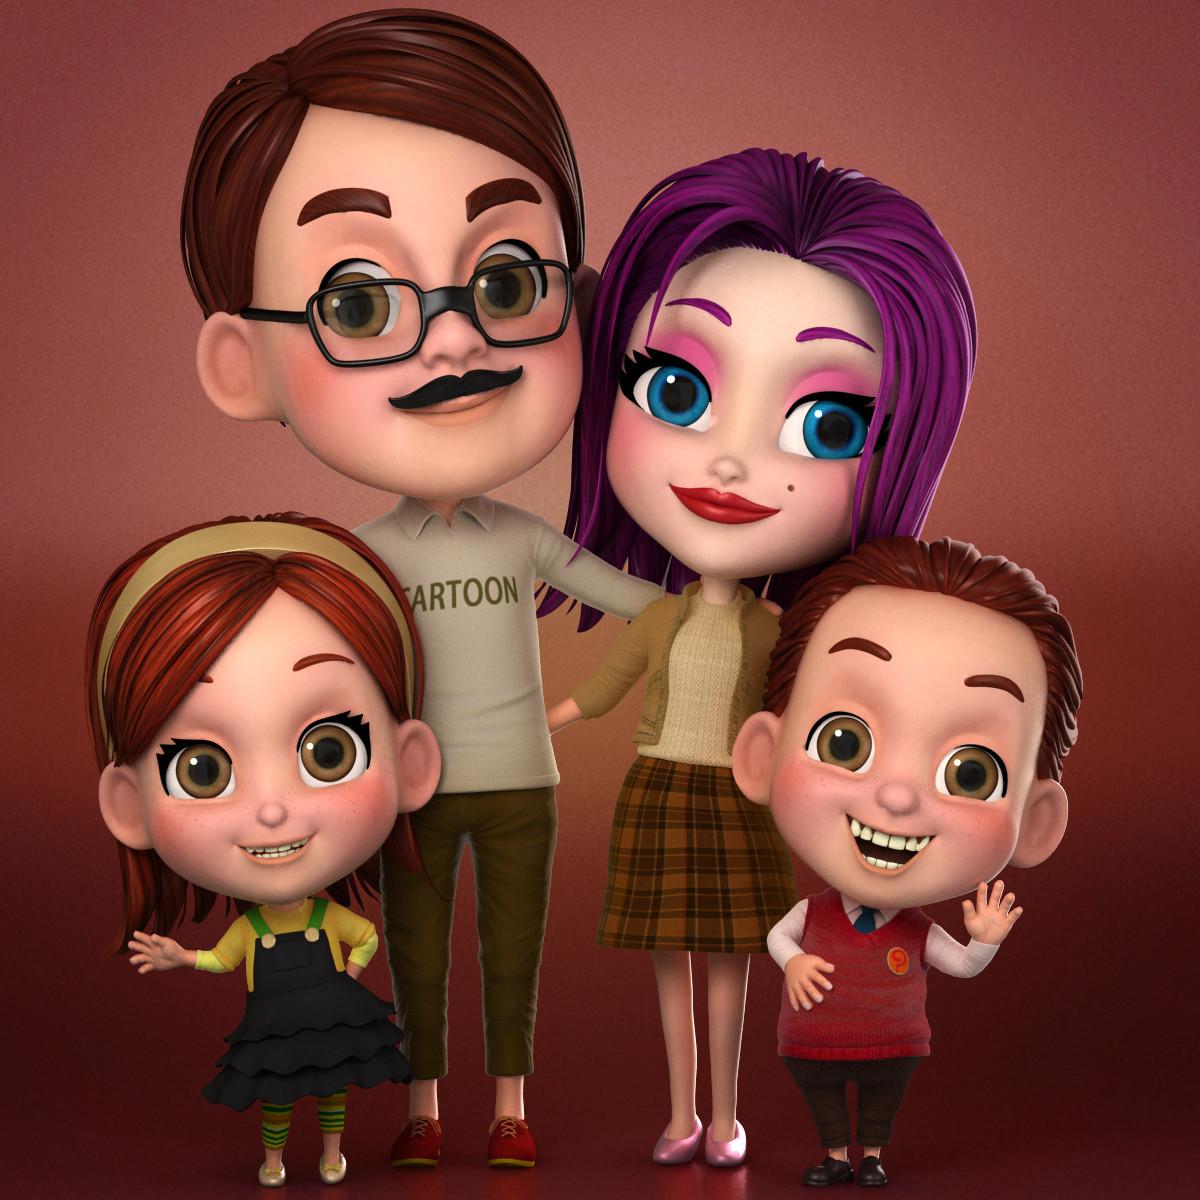 мульт семейка картинки мне захотелось